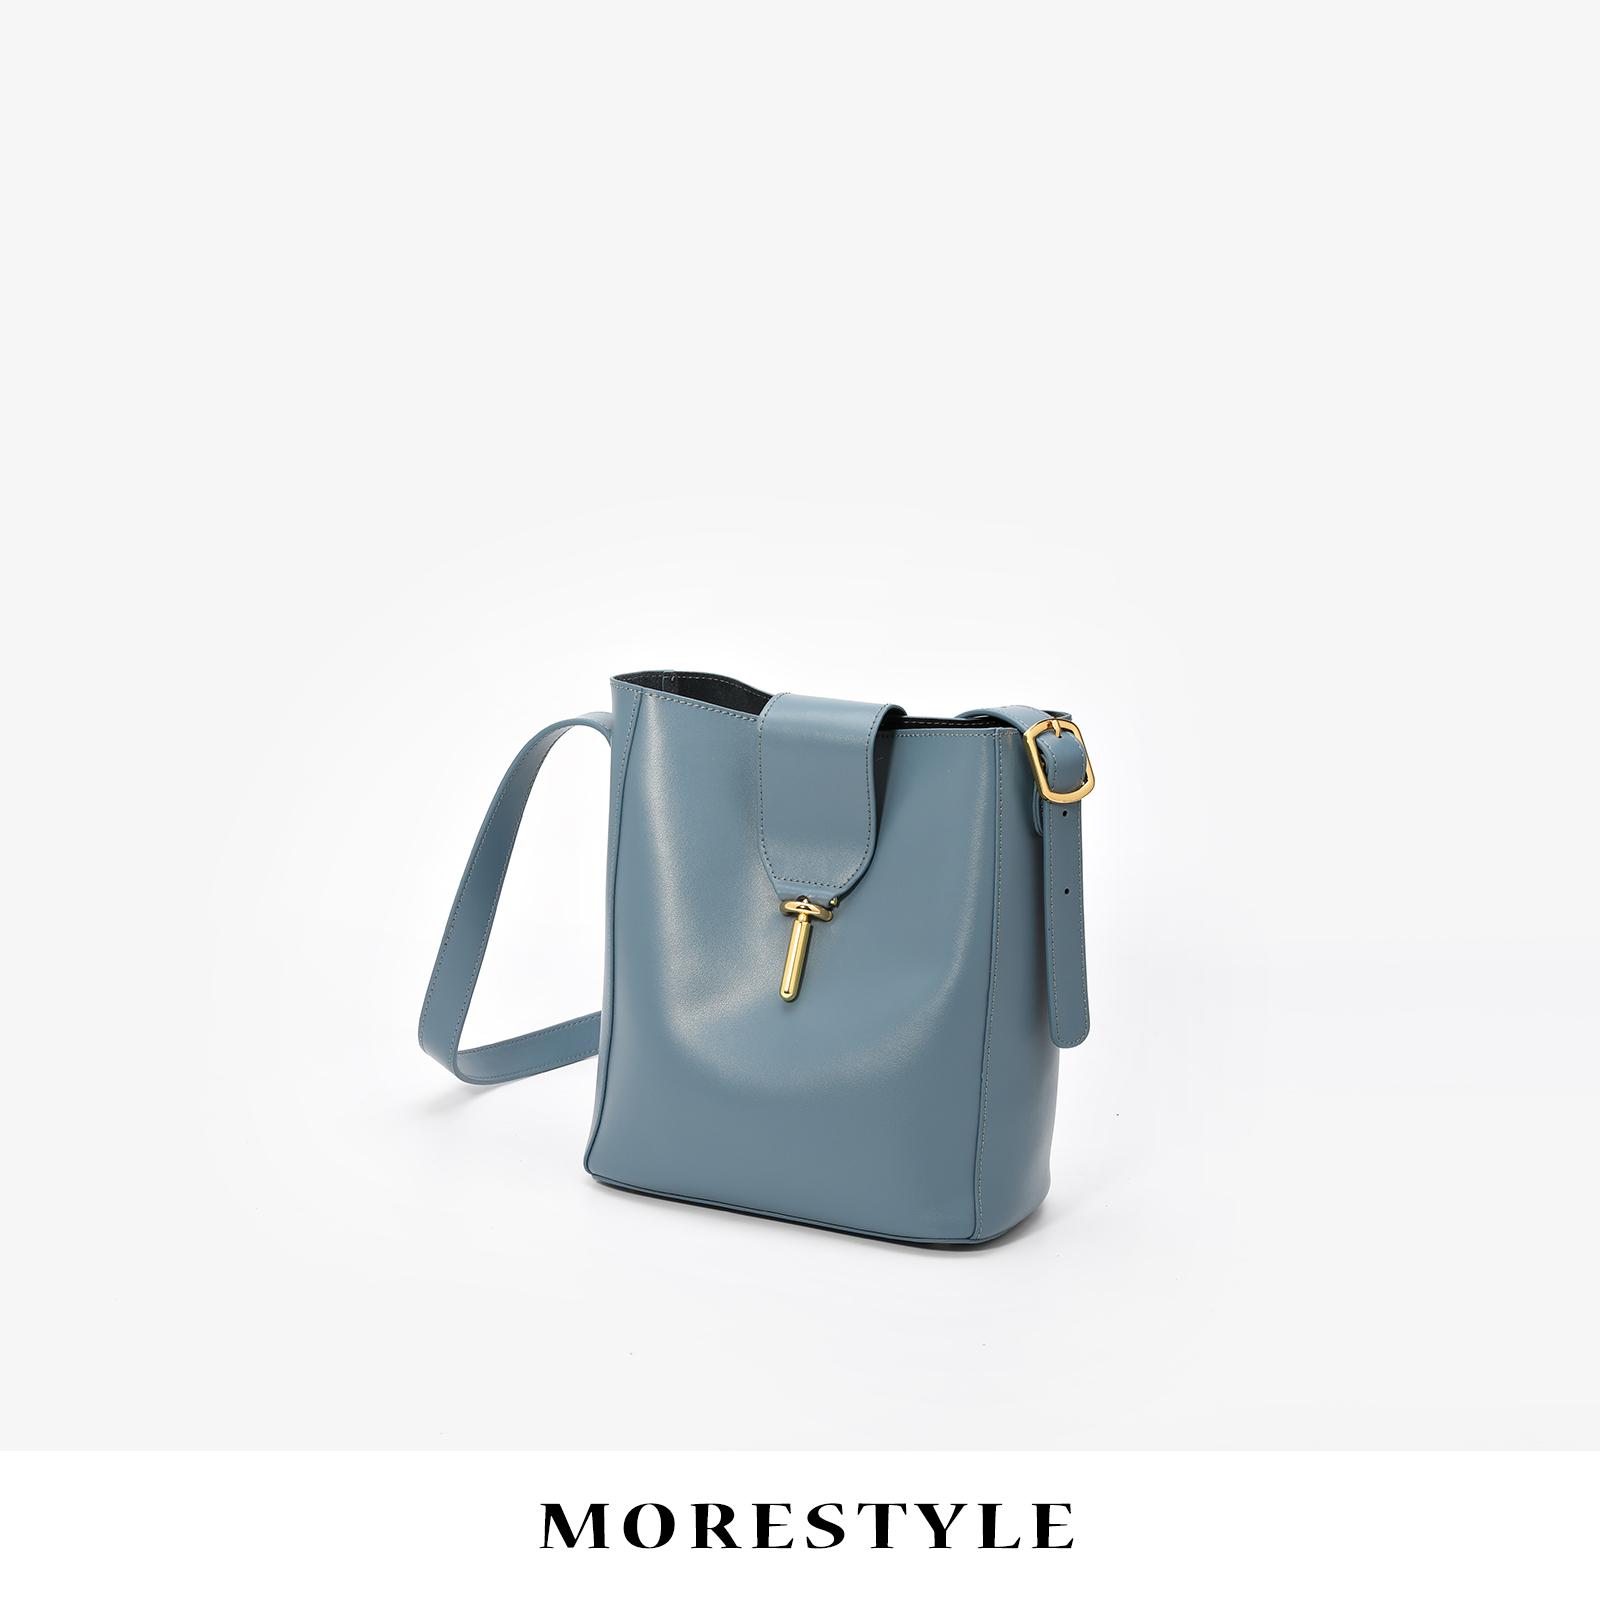 西木汀真皮包包女2018新款大容量水桶大包单肩百搭斜挎韩版购物袋